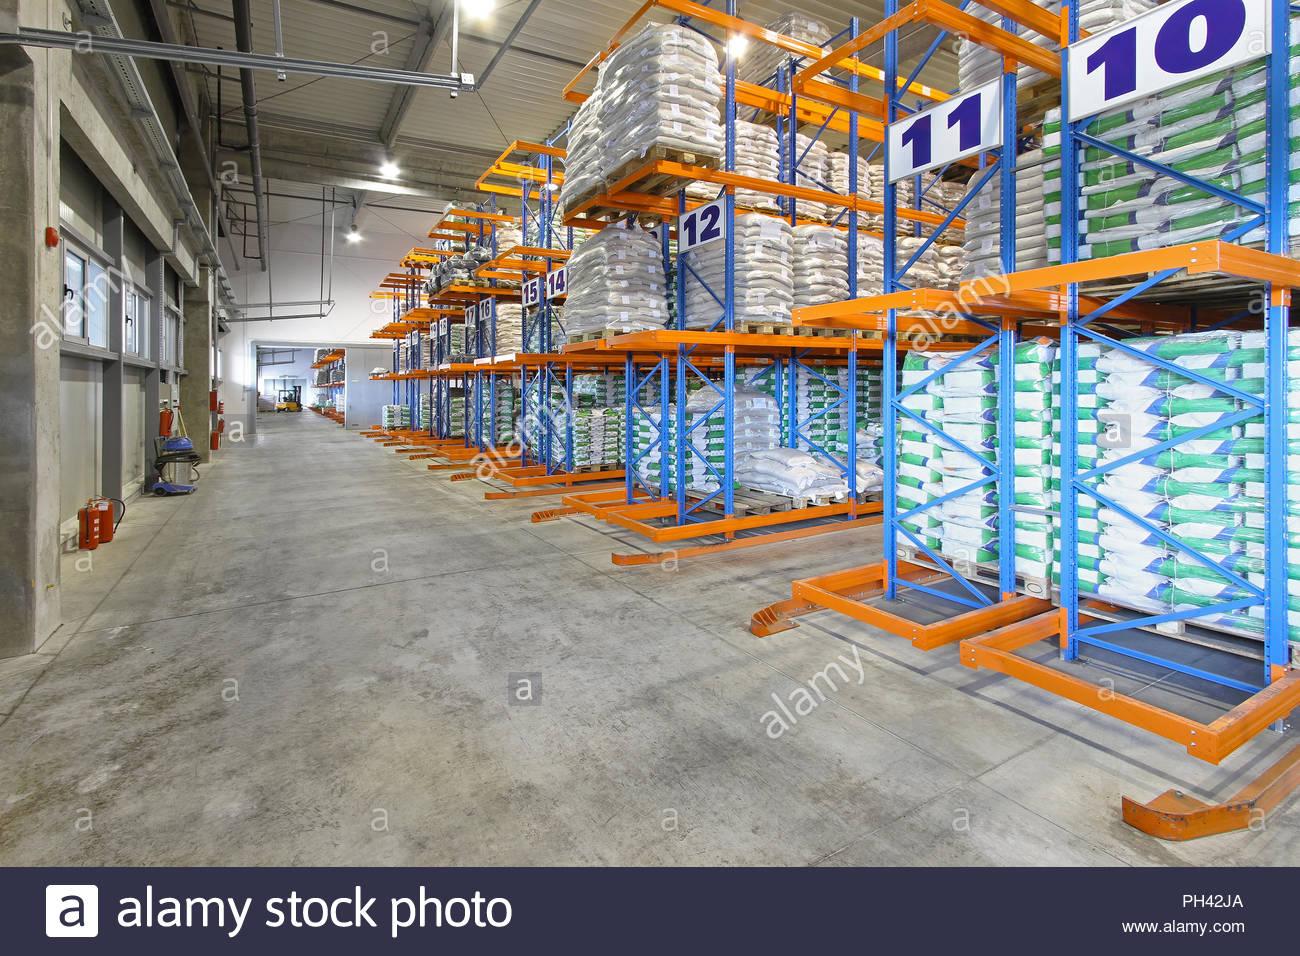 Big distribution warehouse with sacks at shelves - Stock Image